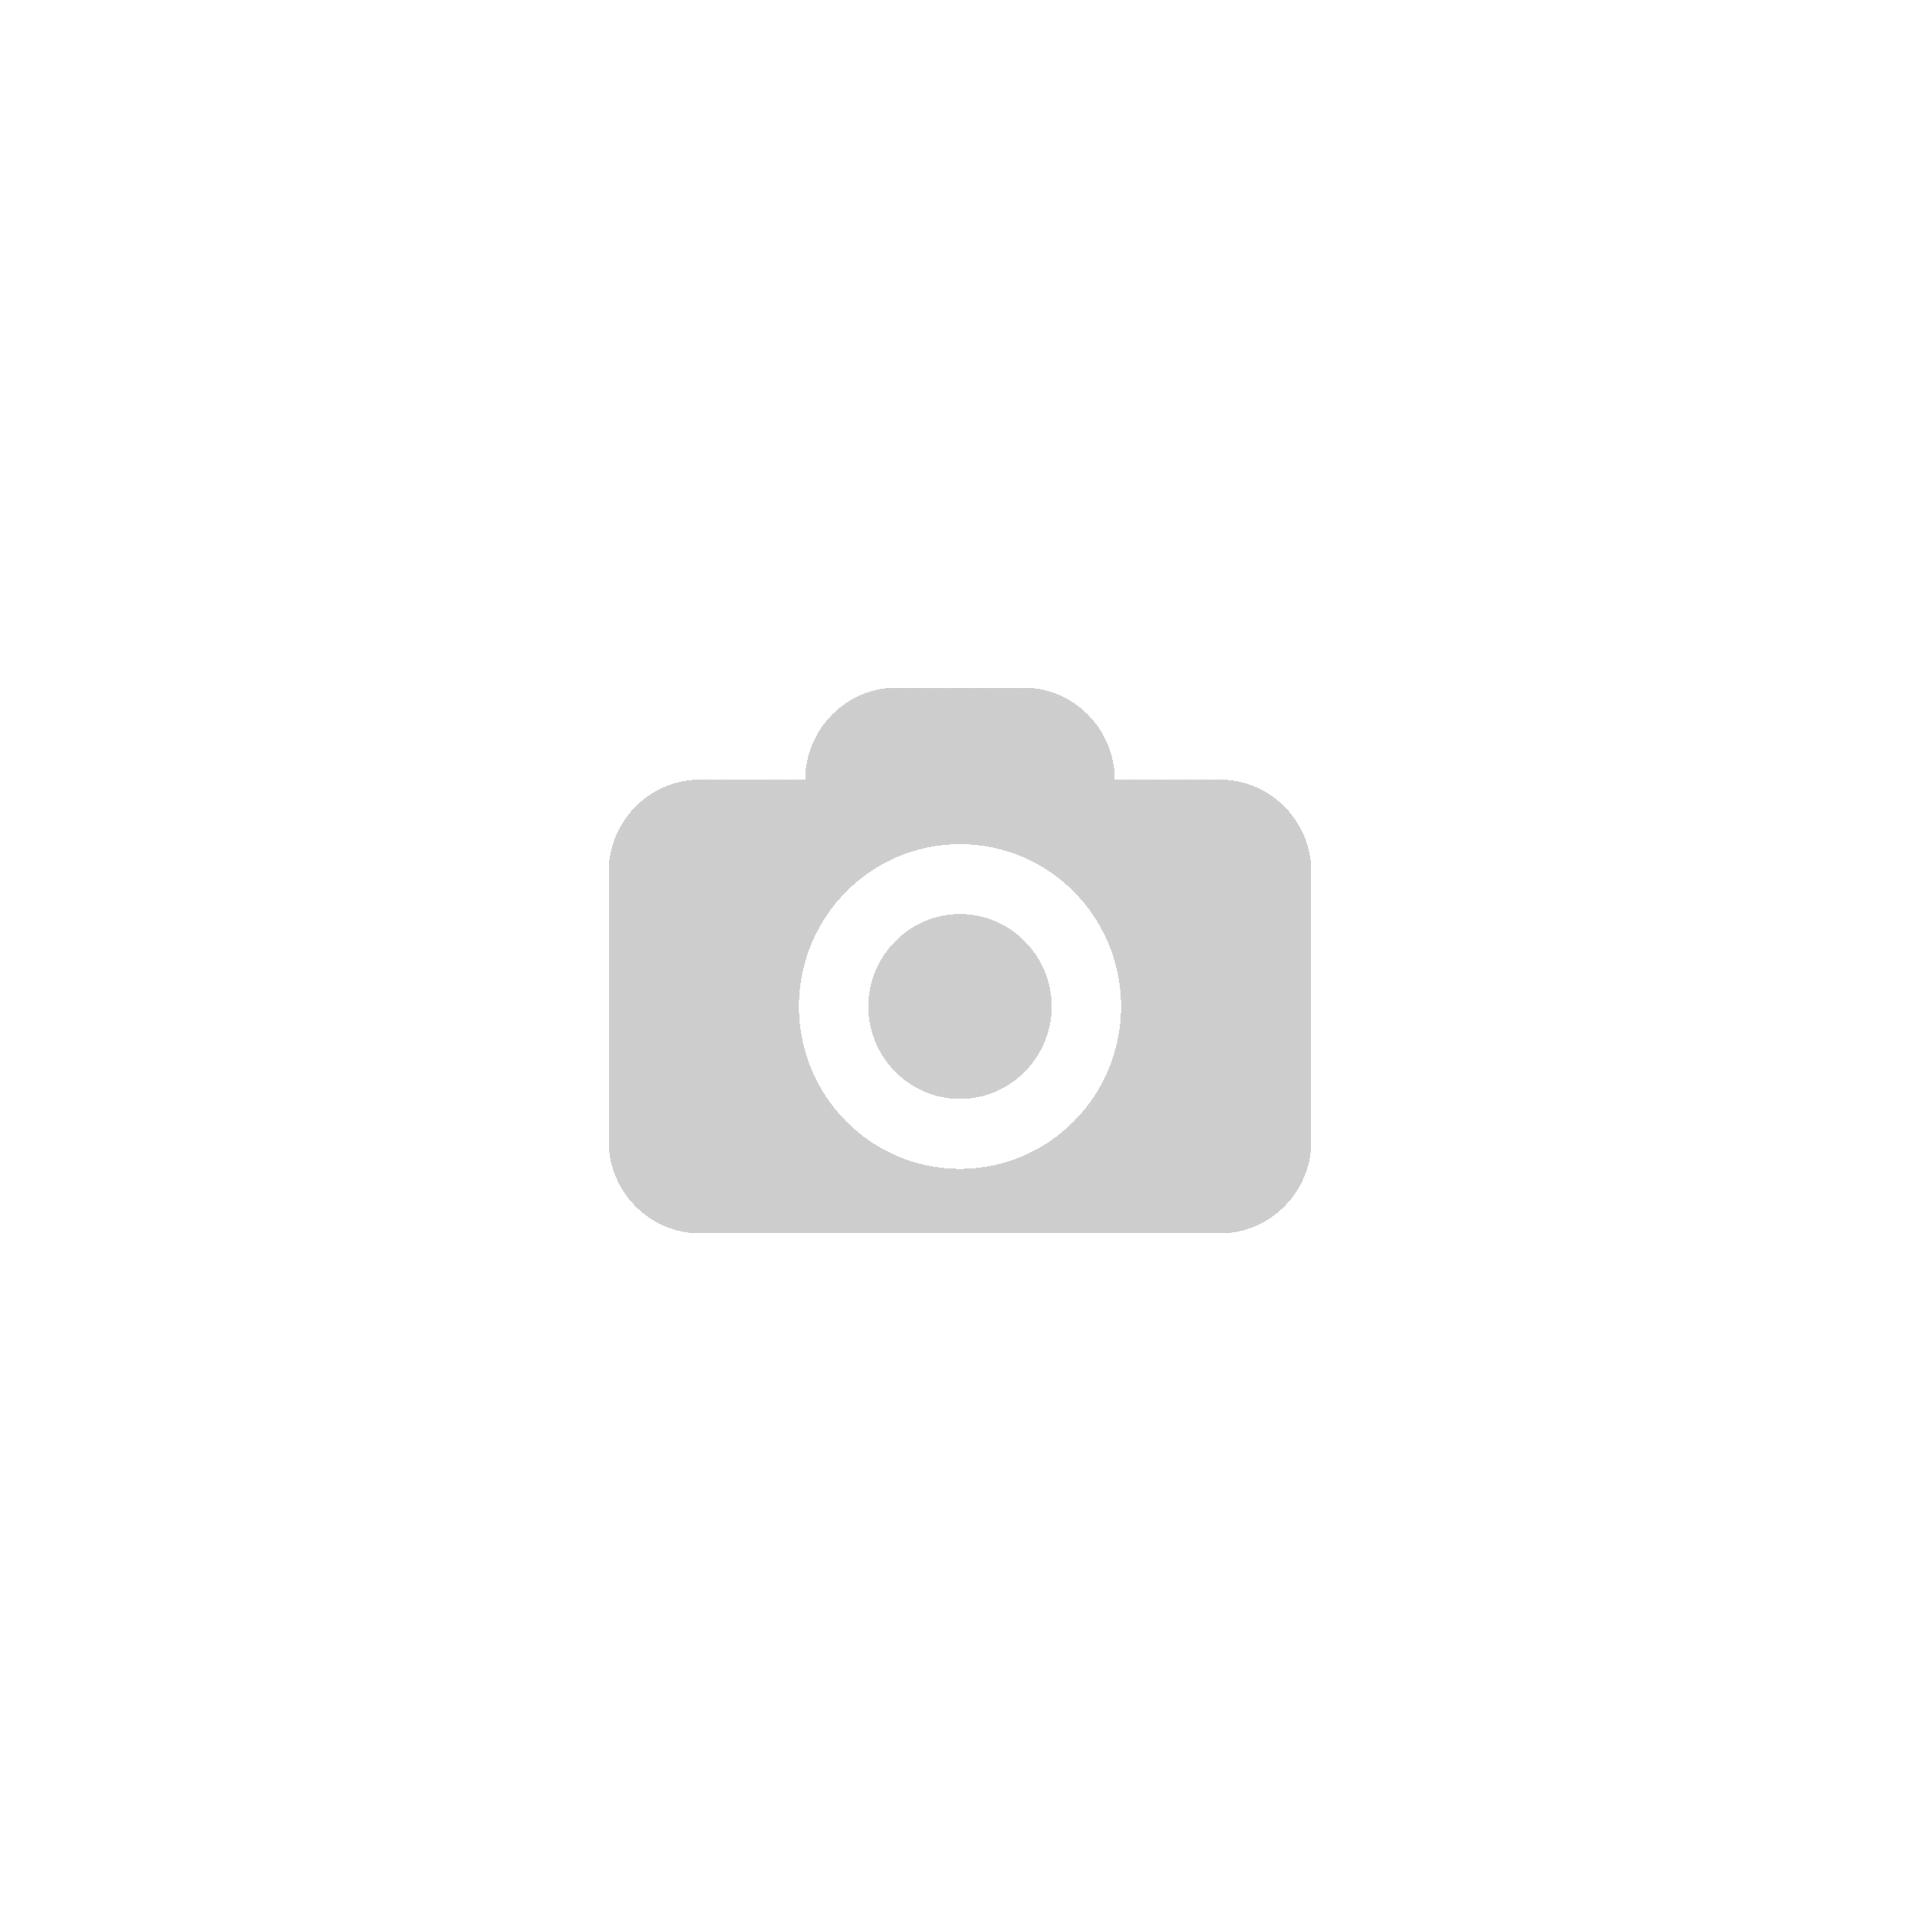 METABO HJA 14.4-18 fűthető kabát, XXXL (akku és töltő nélkül, kartonban) + Power adapter akkuhoz